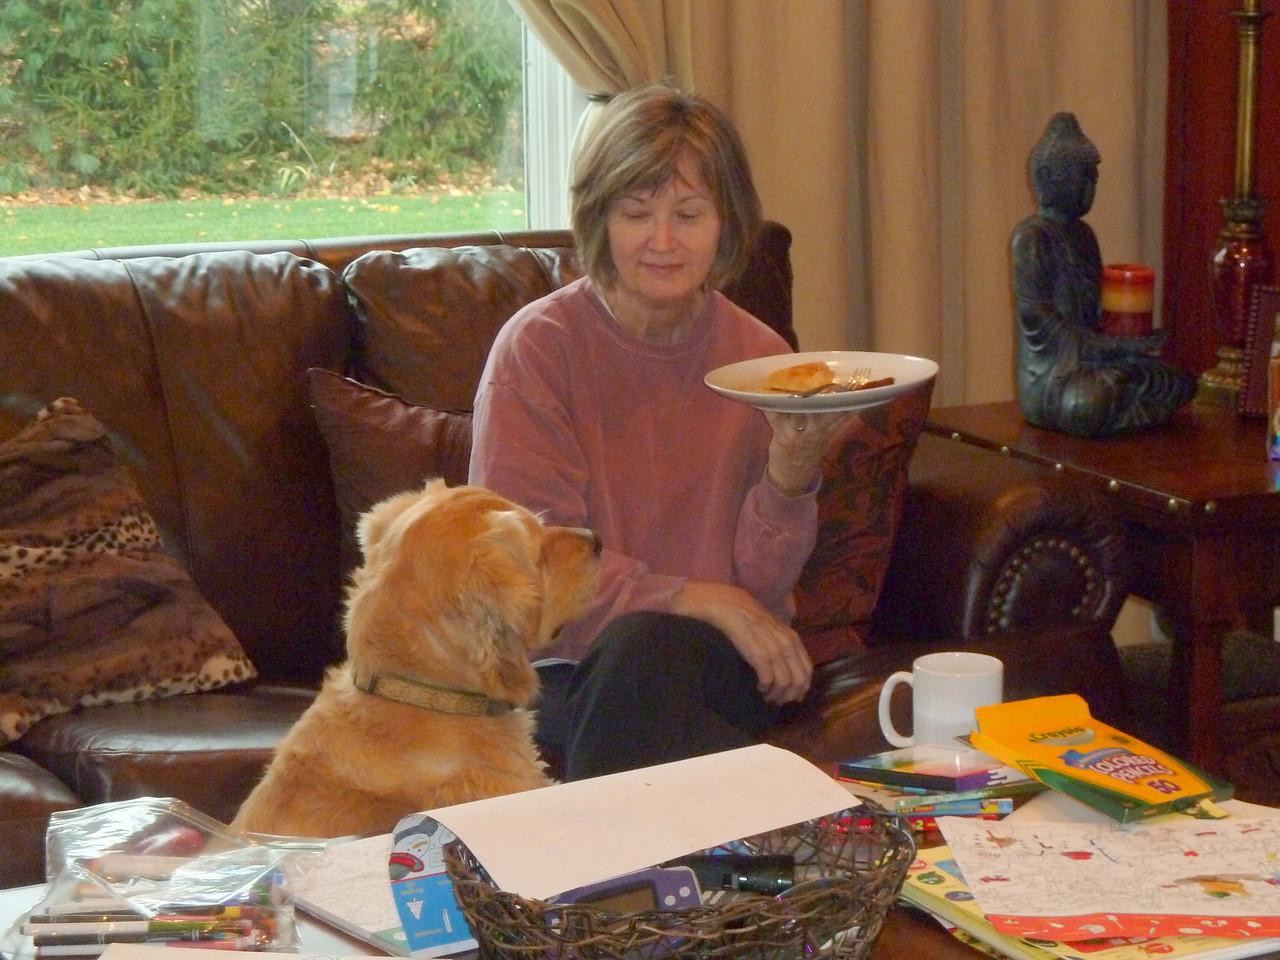 Rex wants Nana's breakfast